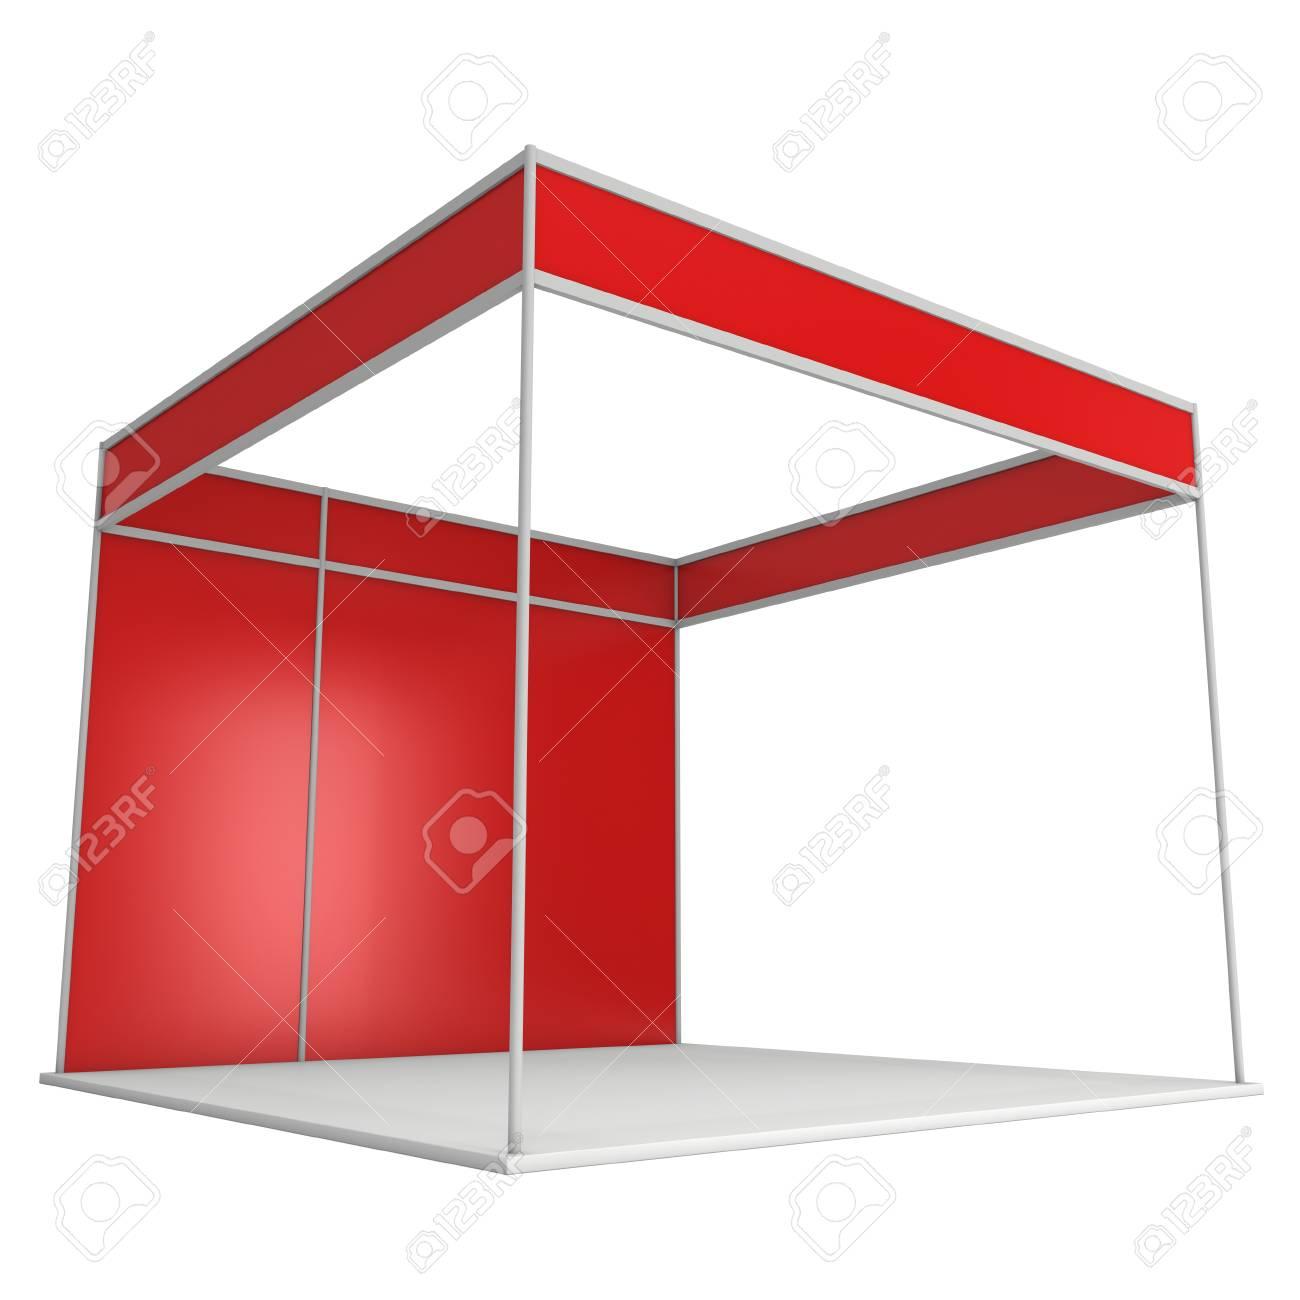 Stand De Salon Rouge Et Blanc. Exposition Intérieure Vide Avec Des ...